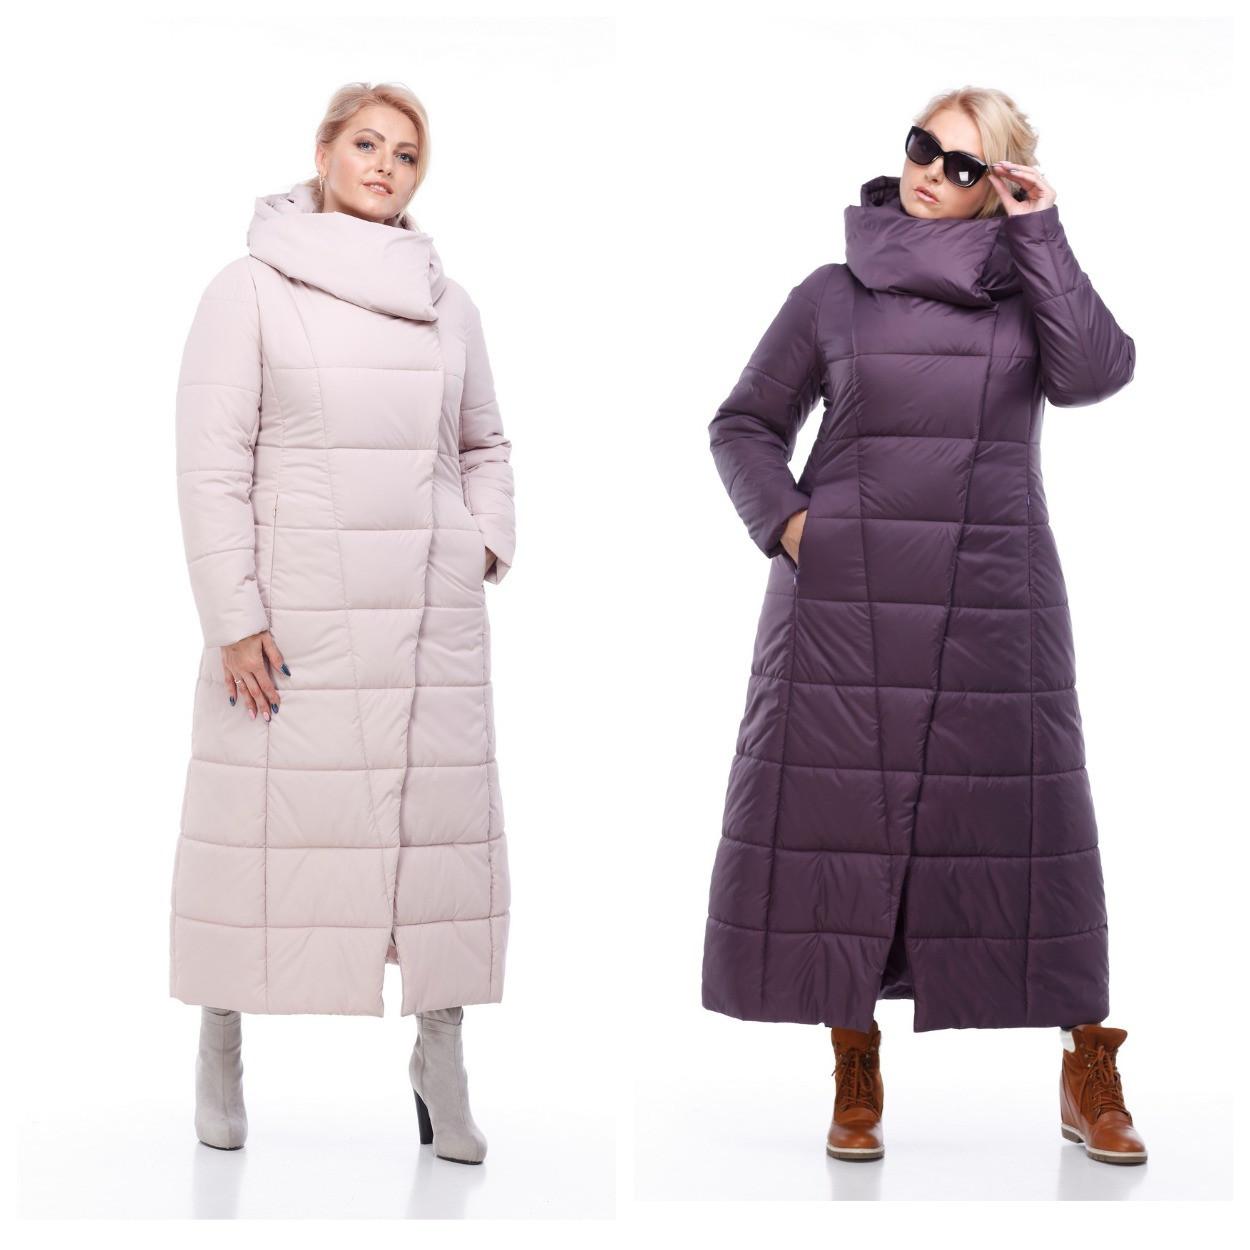 d3dcebe34b3 Женская модная зимняя очень теплая куртка пуховик длинная 42 - 54 большие  размеры - Интернет -